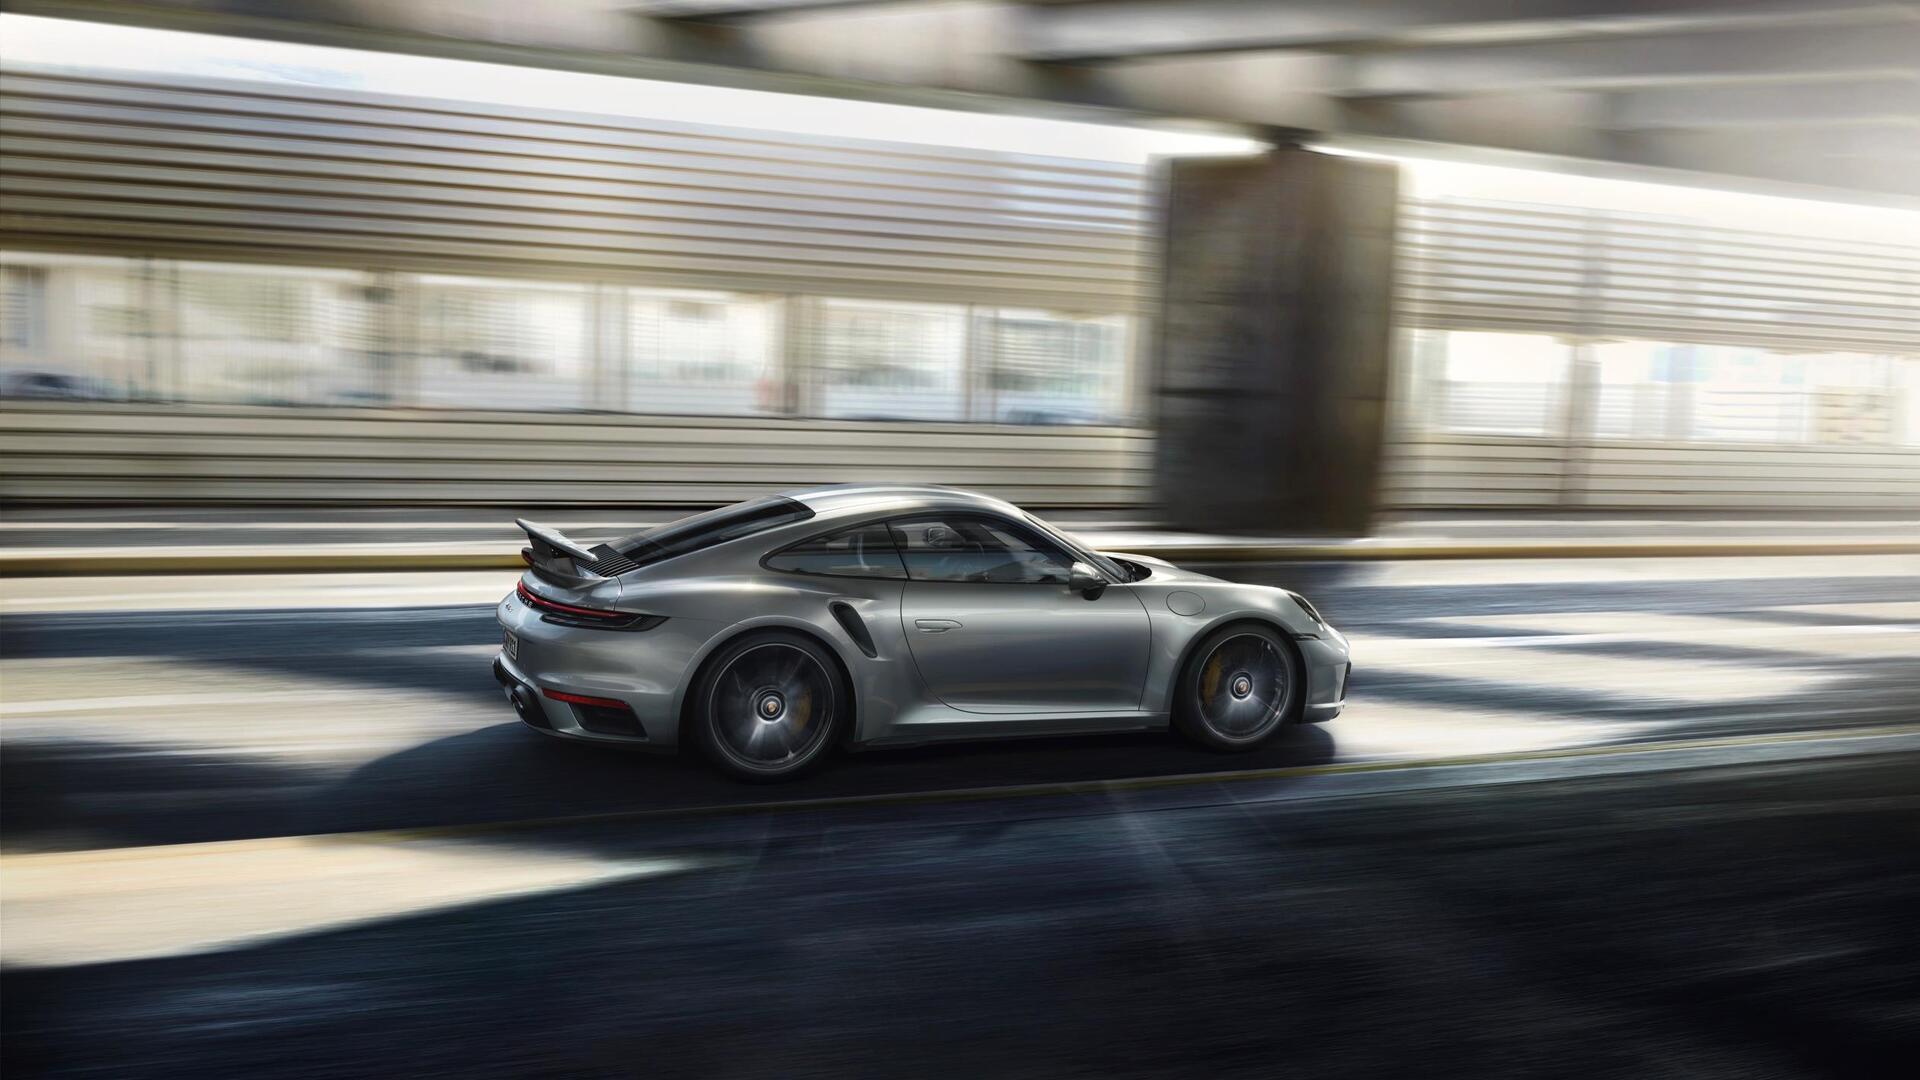 911 Turbo S Coupç 2020 Porsche Ag 2